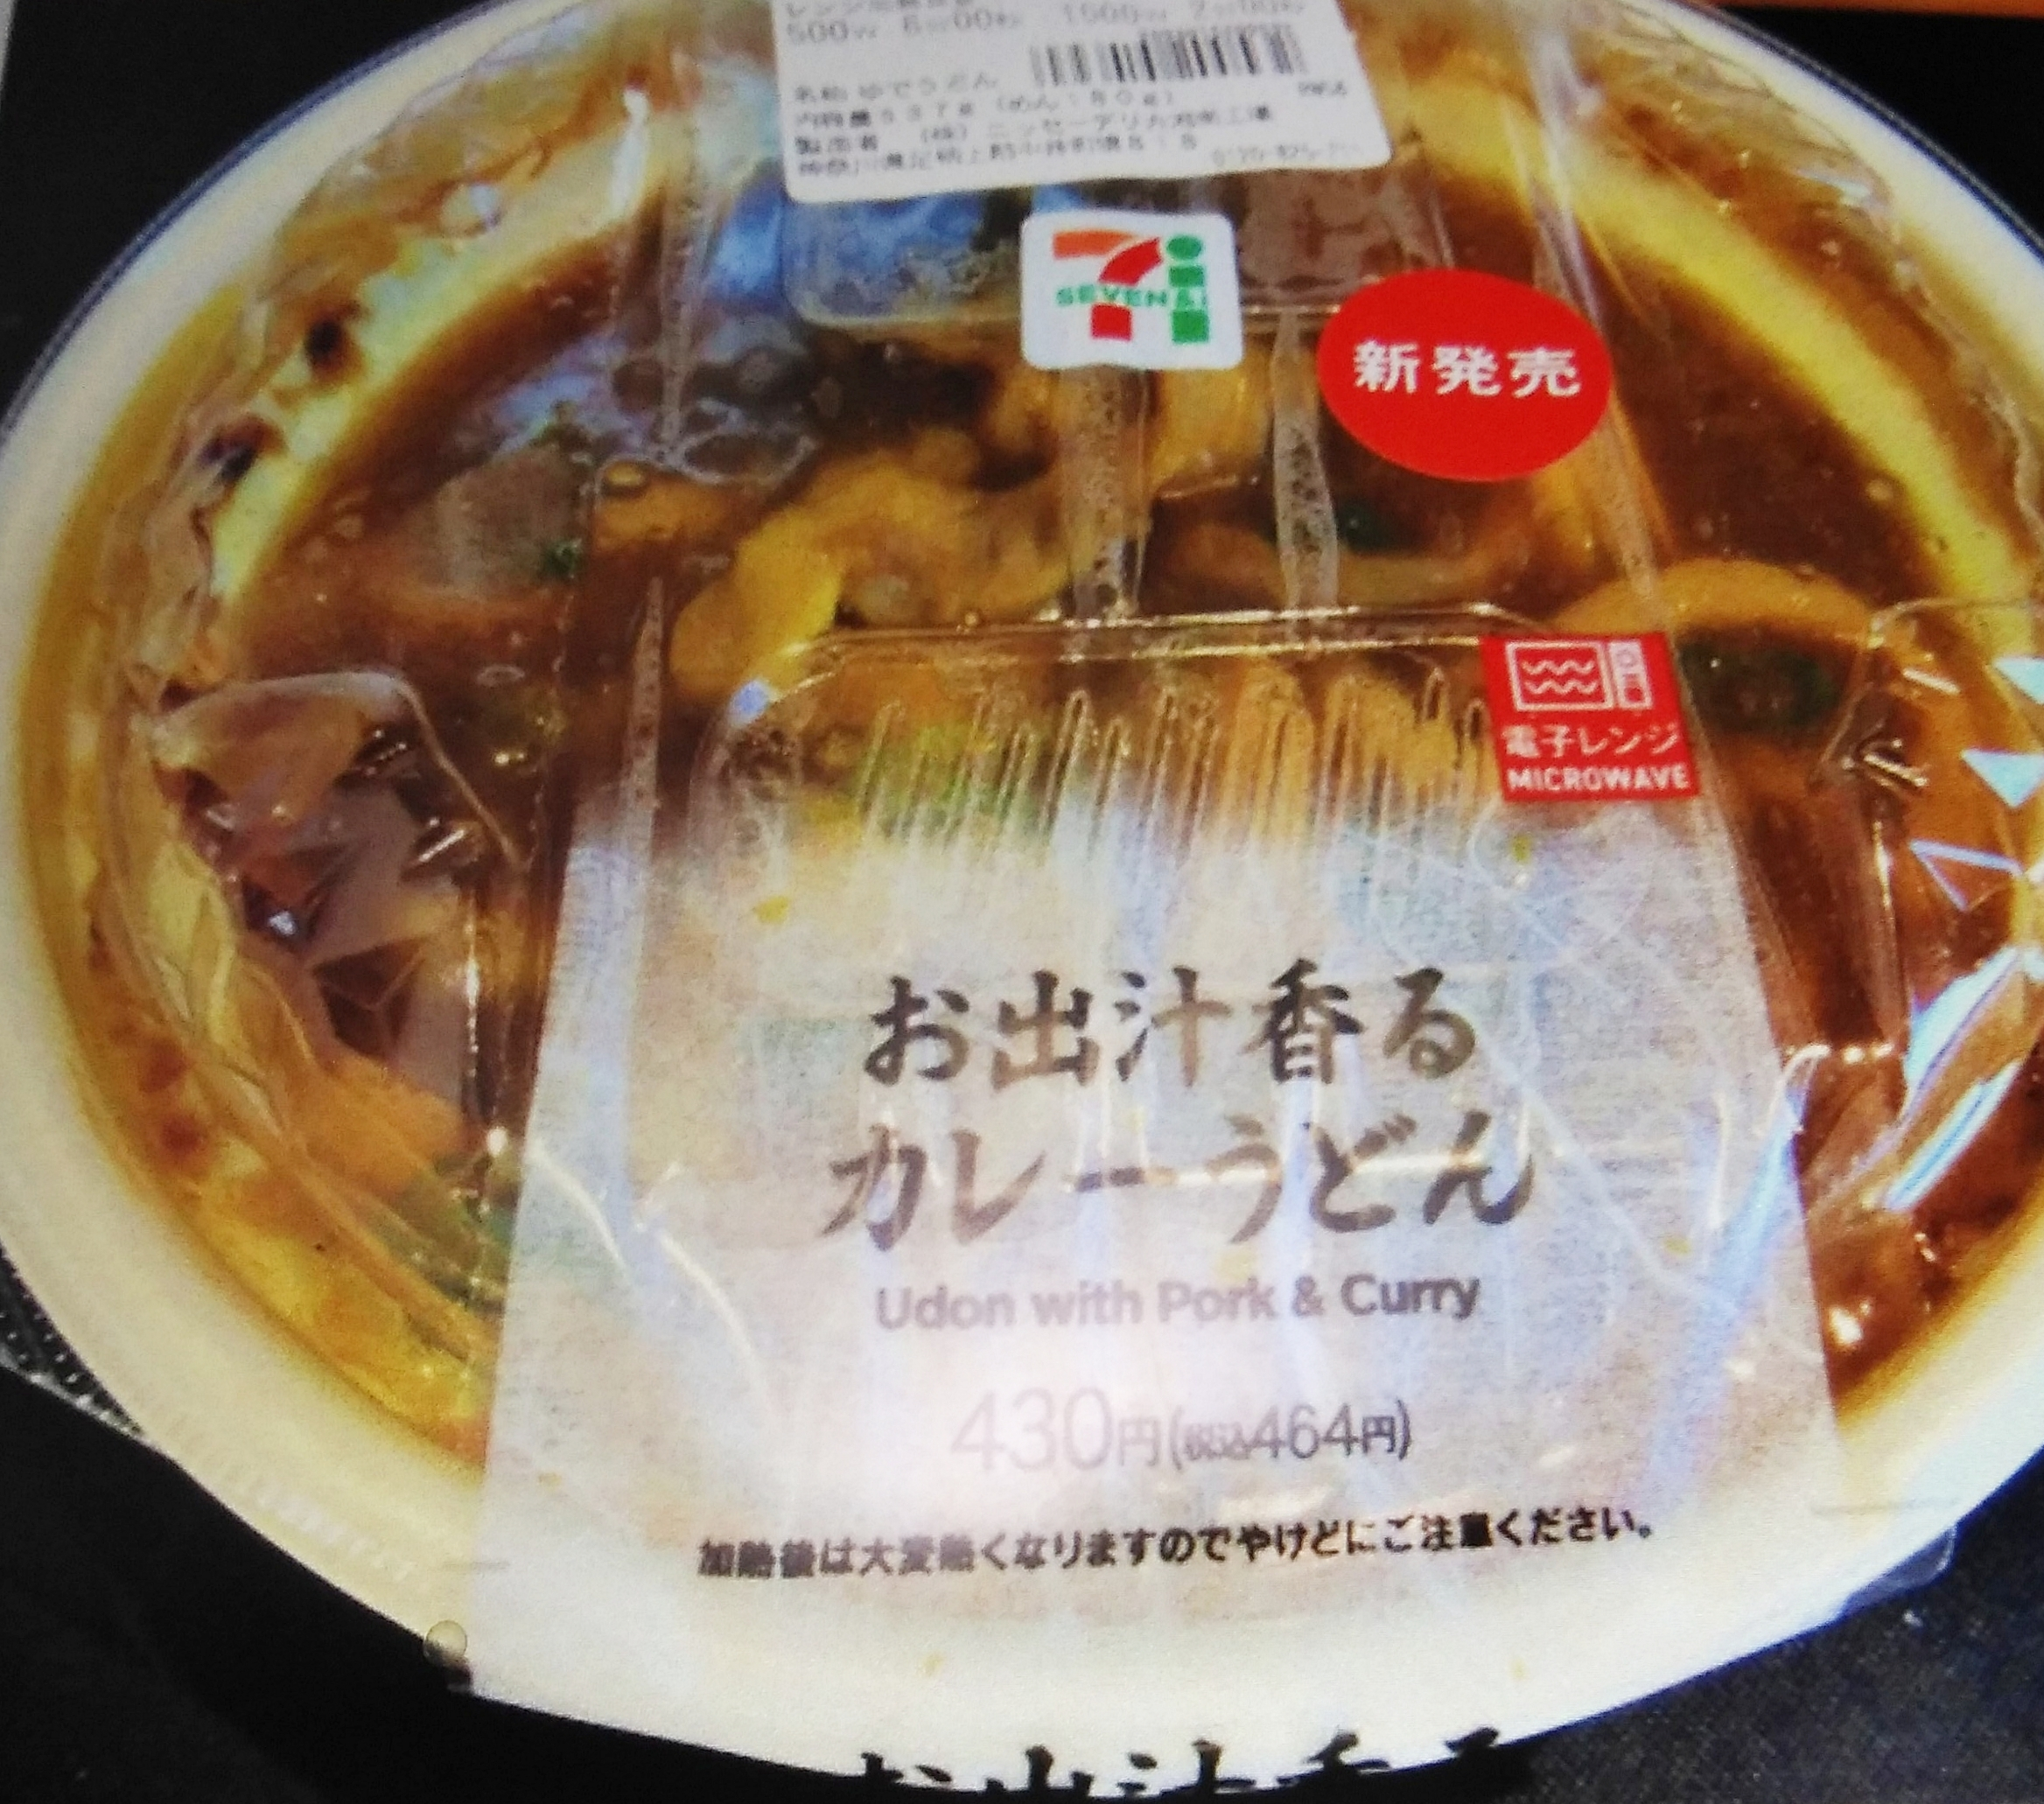 セブンの冬におすすめご飯!うどんやスープなど温かい物はある?36